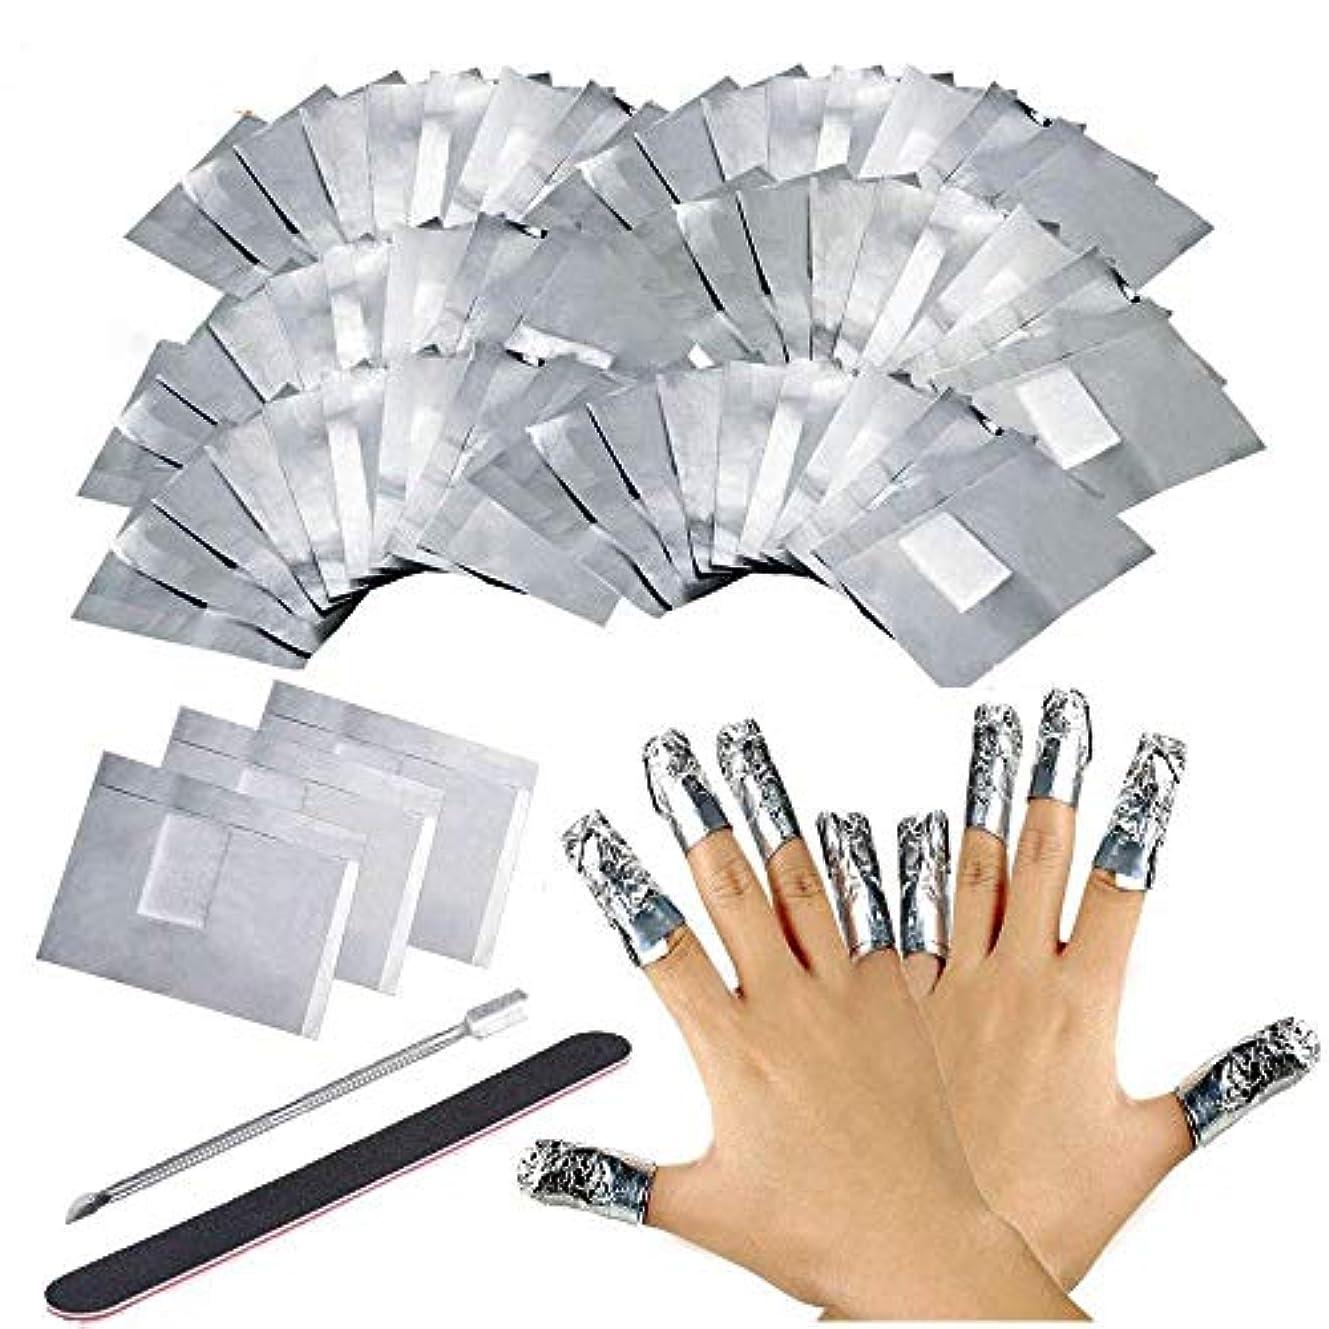 スワップブームスワップ200枚 ジェルネイル リムーバー アセトン ジェル 使い捨て ネイル用品, ジェルオフリムーバー アクリルUVジェル, 付き 1本ネイルオフプッシャー そして 1本 ネイルファイル